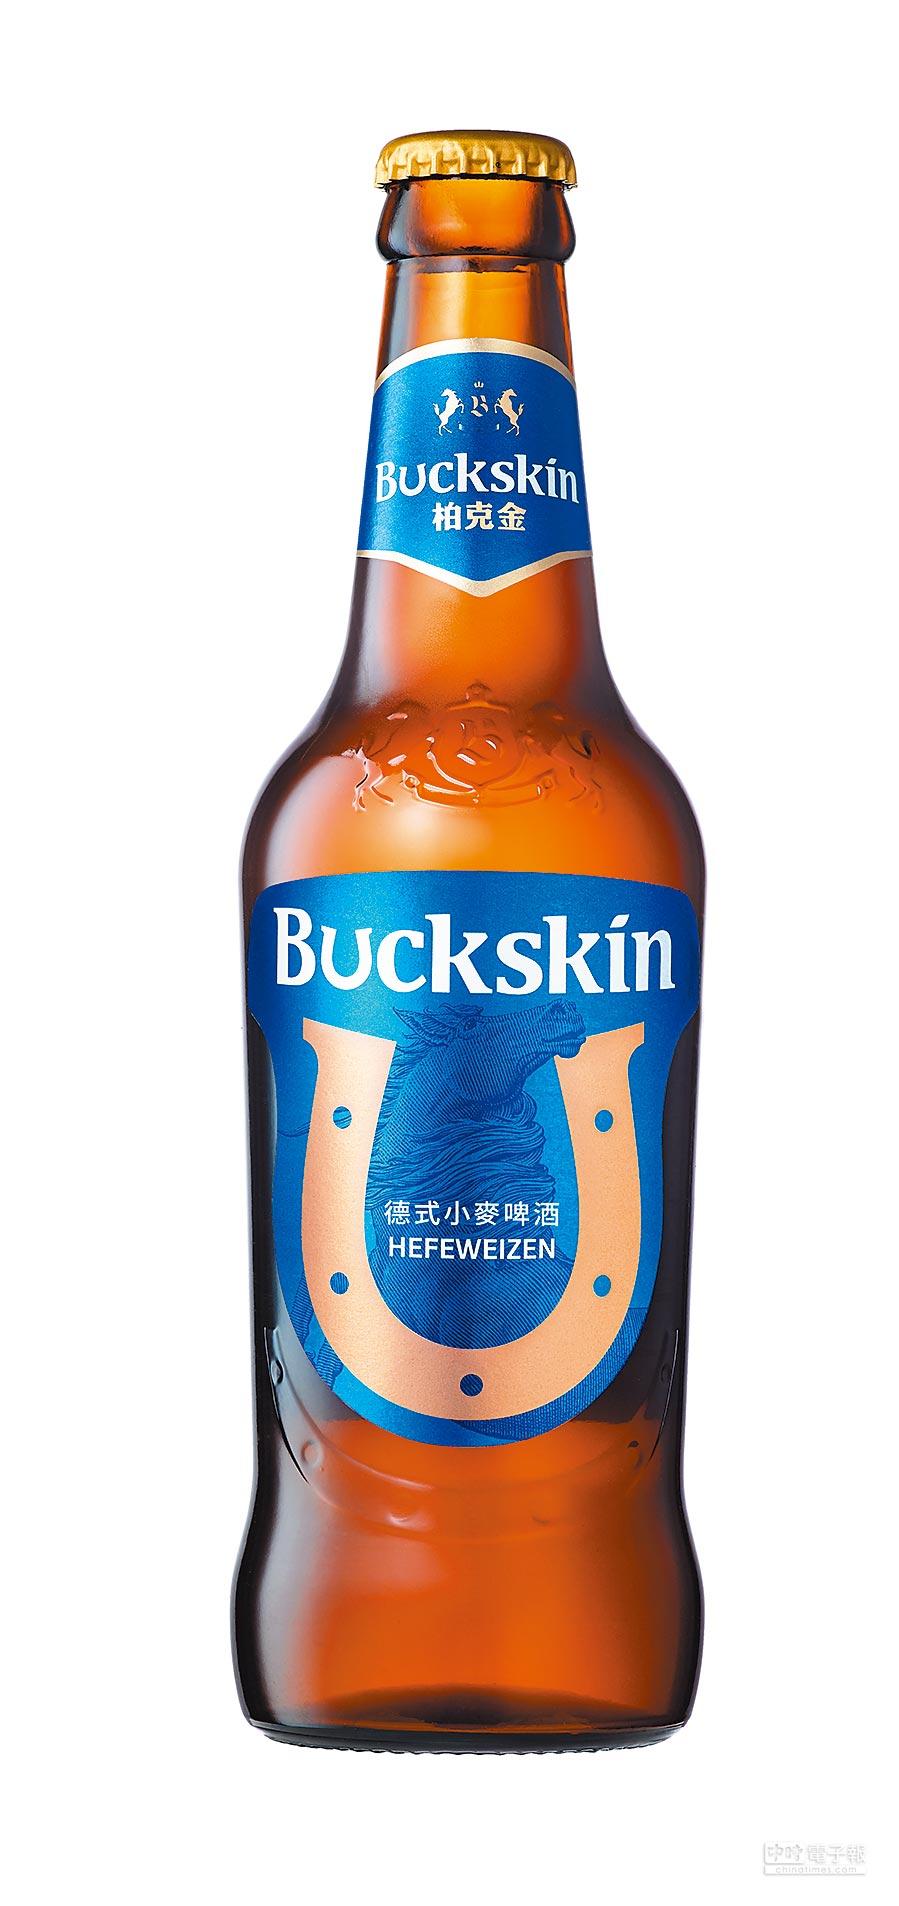 柏克金德式小麥啤酒玻璃瓶裝,建議售價58元。